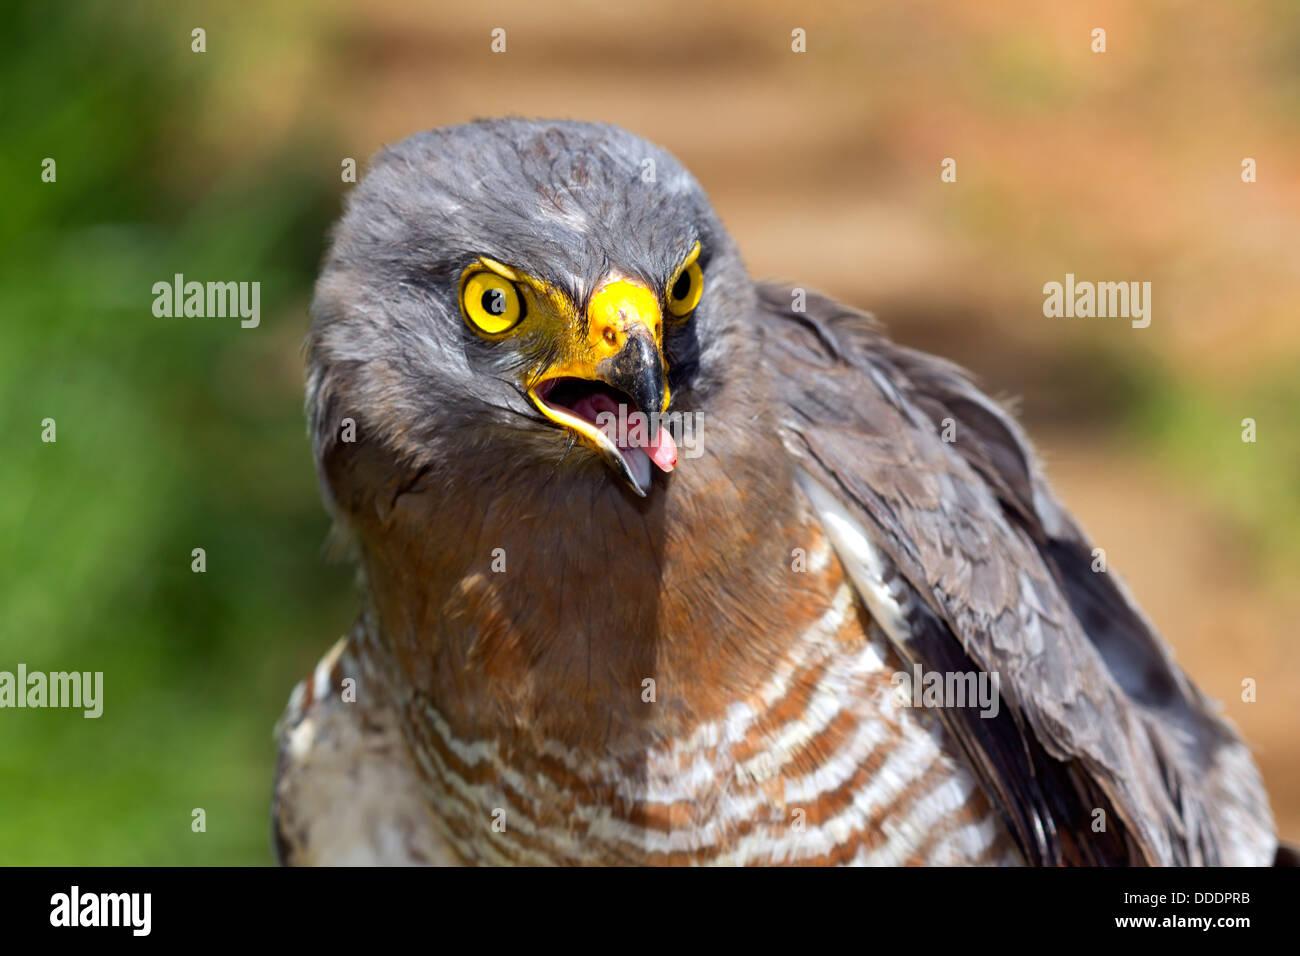 Roadside Hawk (Buteo magnirostris) in the Ecuadorian Amazon - Stock Image